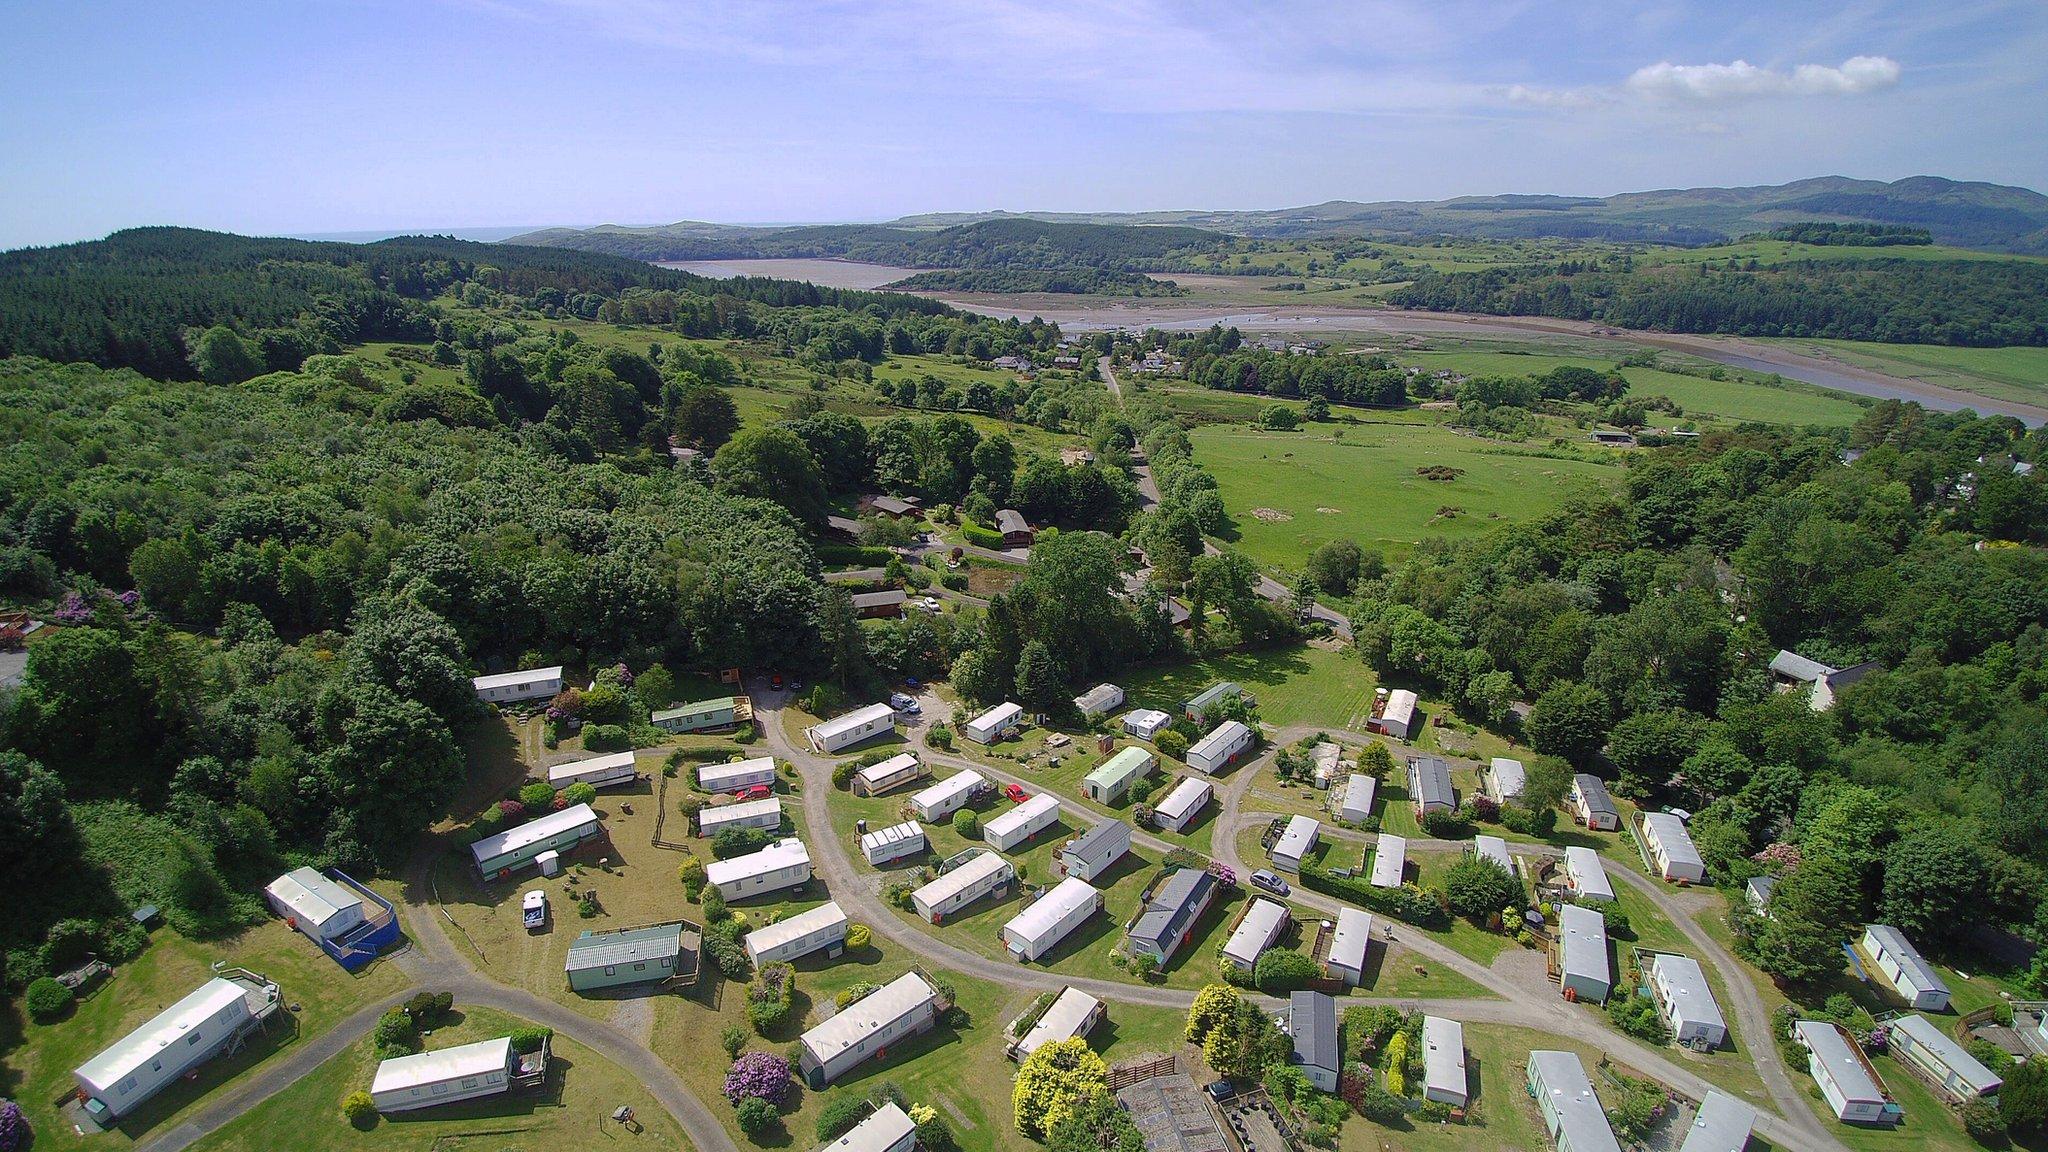 Kippford caravan park sold in deal exceeding £1.2m